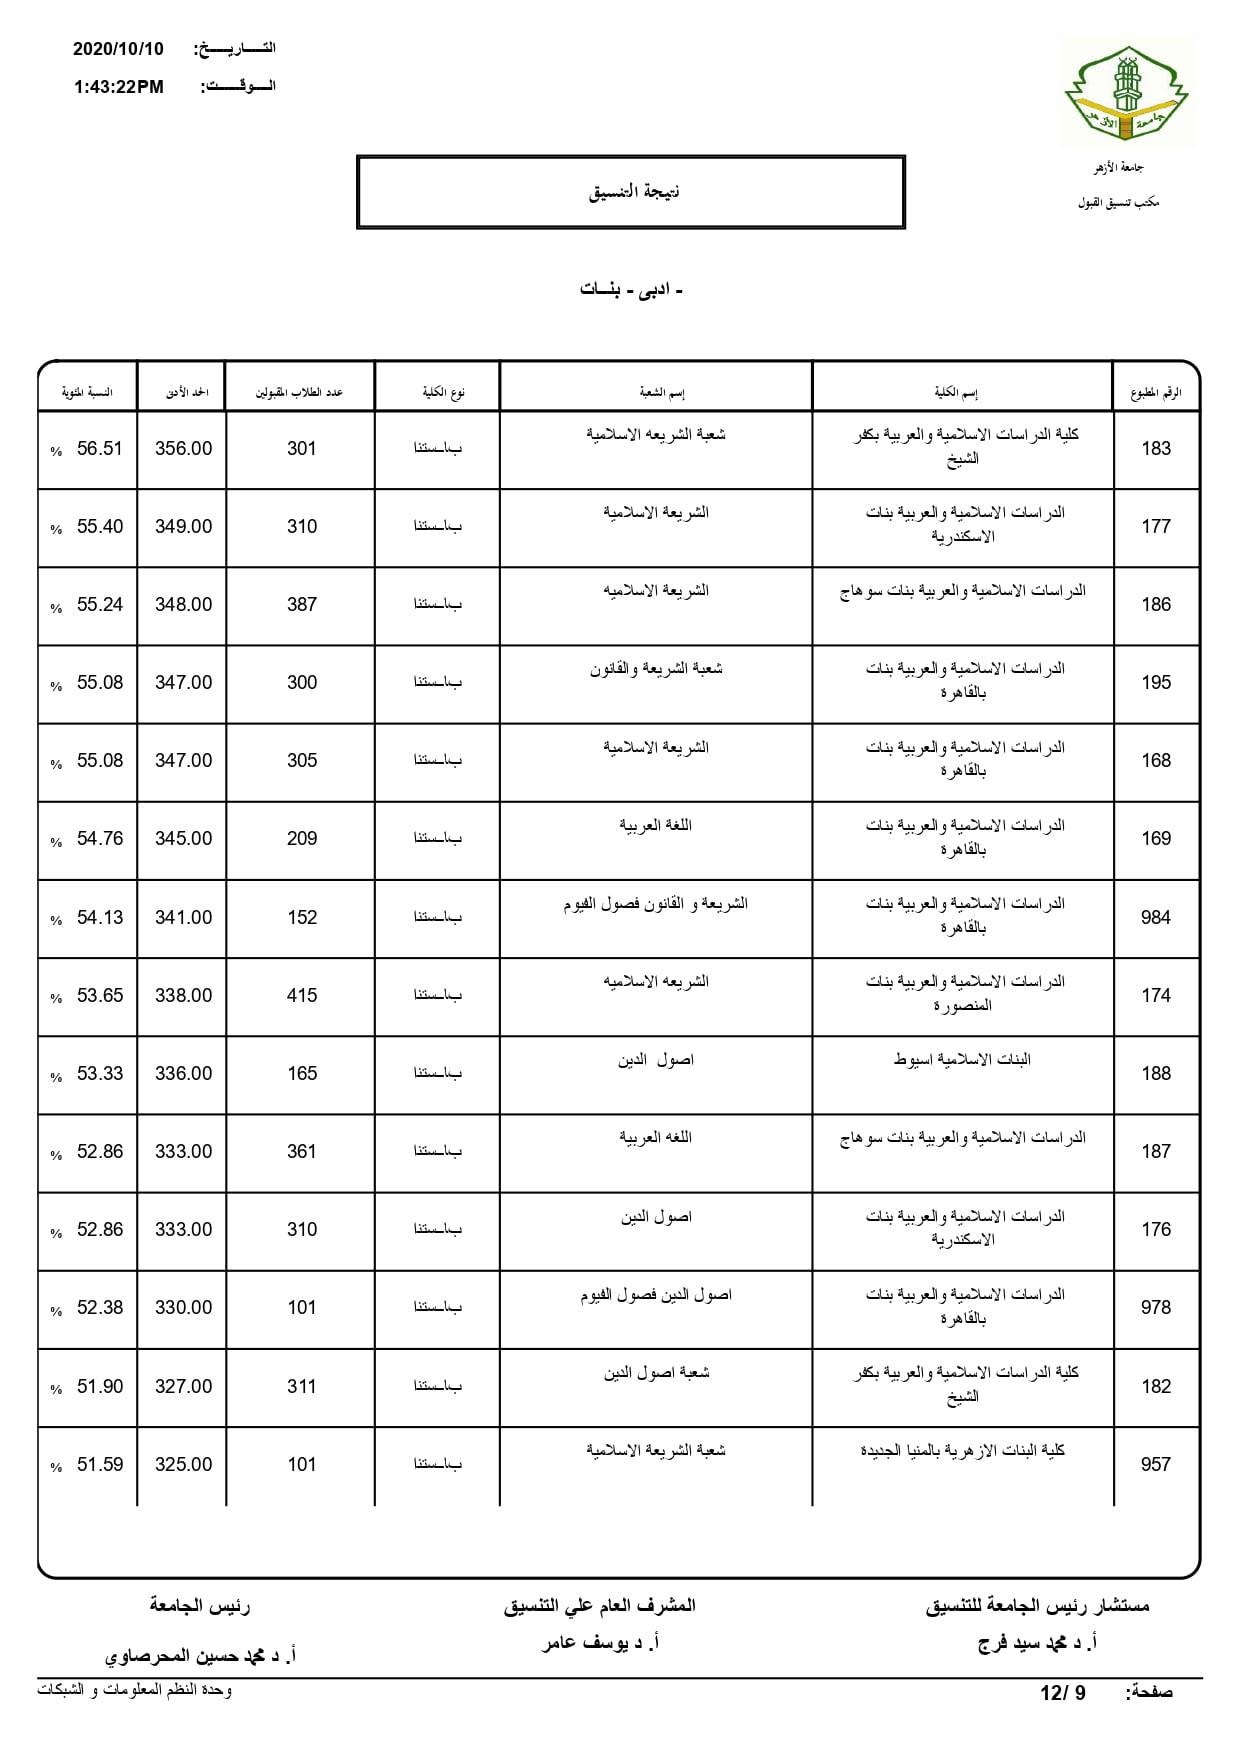 نتيجة تنسيق كليات جامعة الأزهر لعام 2020 بالكامل 20201010202657739